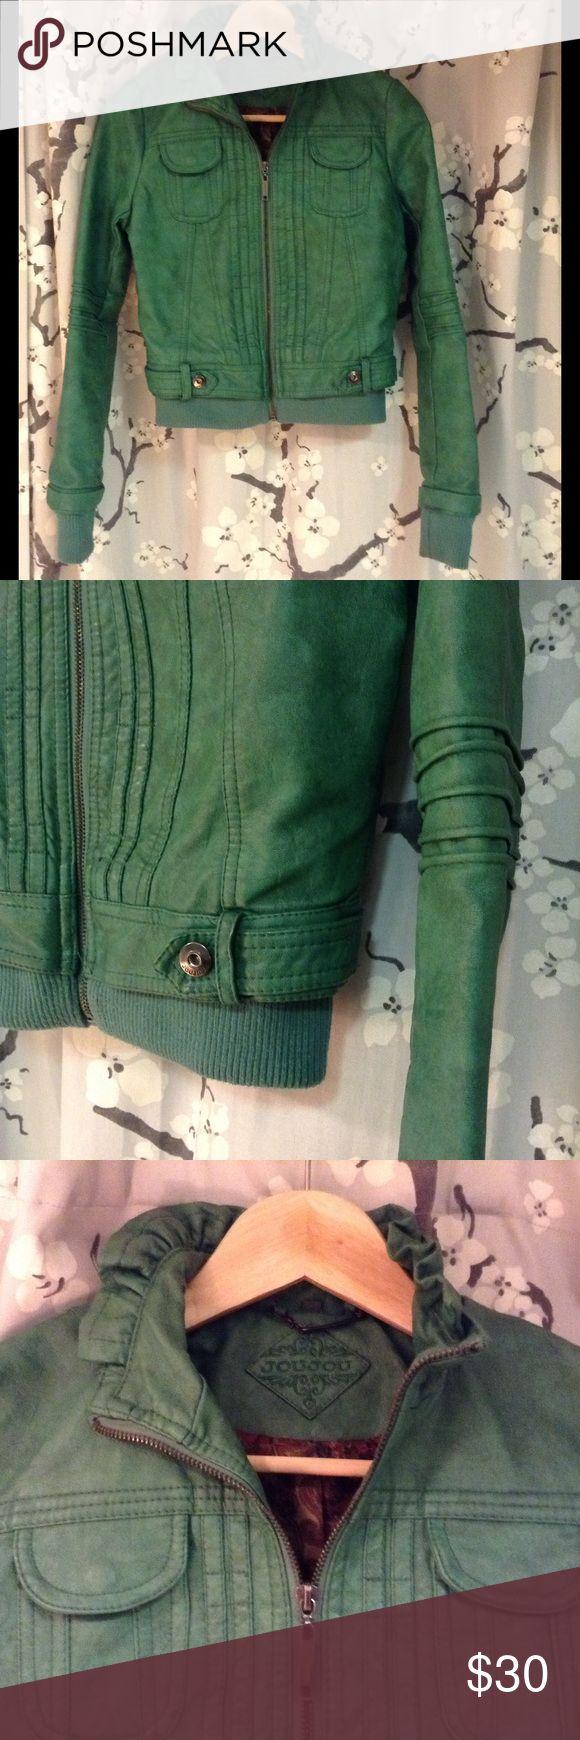 JouJou Green Faux Leather Jacket w/ Ruffle Collar Green